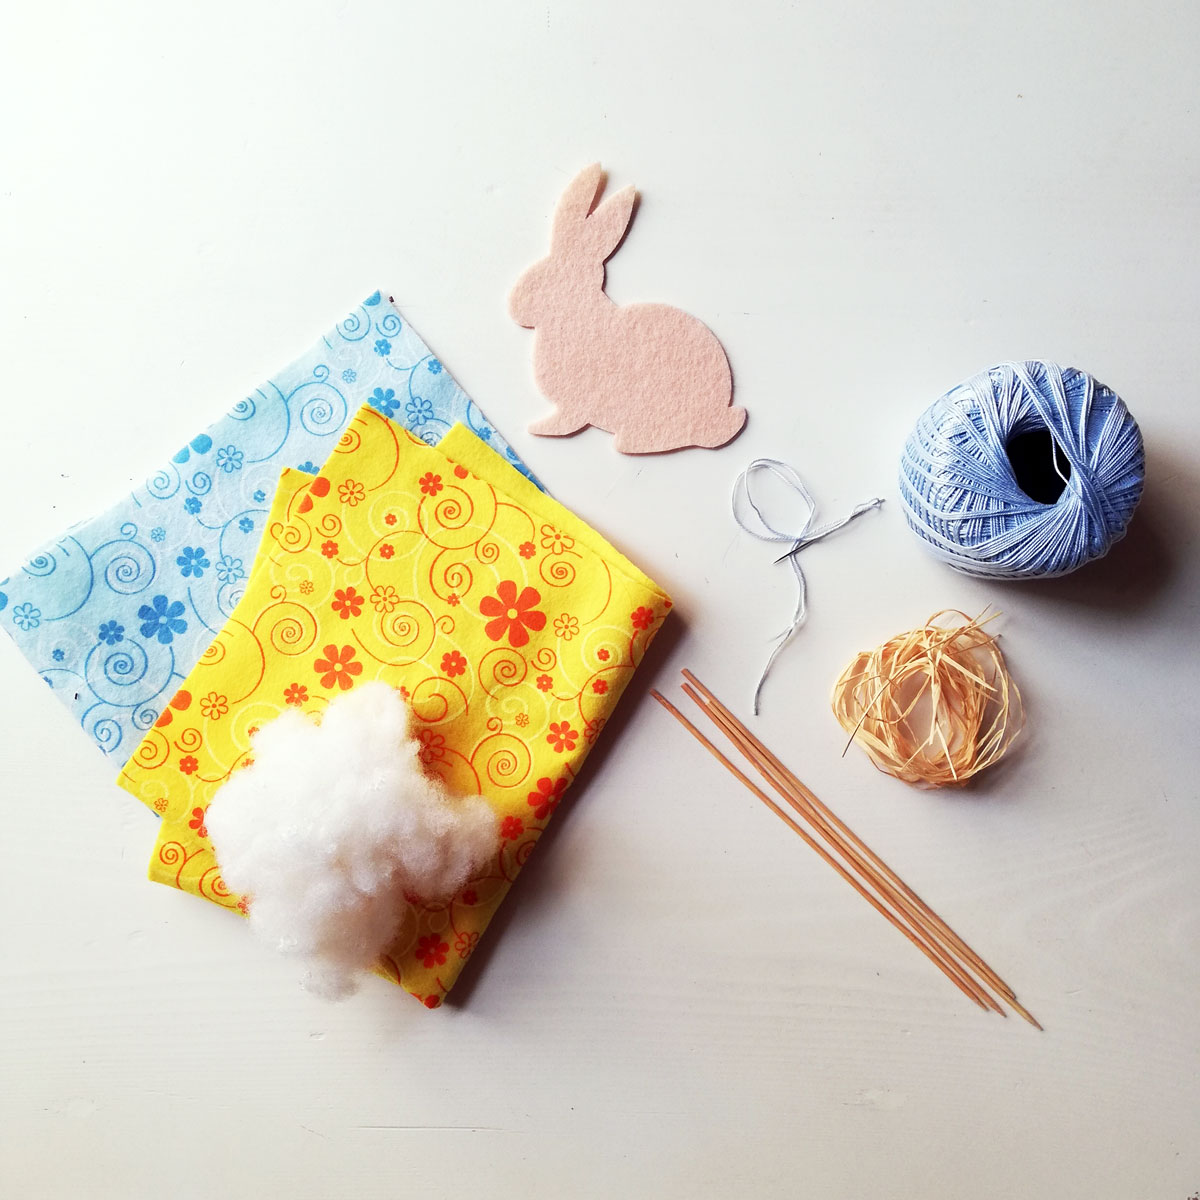 materiali per coniglio feltro segnaposto tavola pasqua